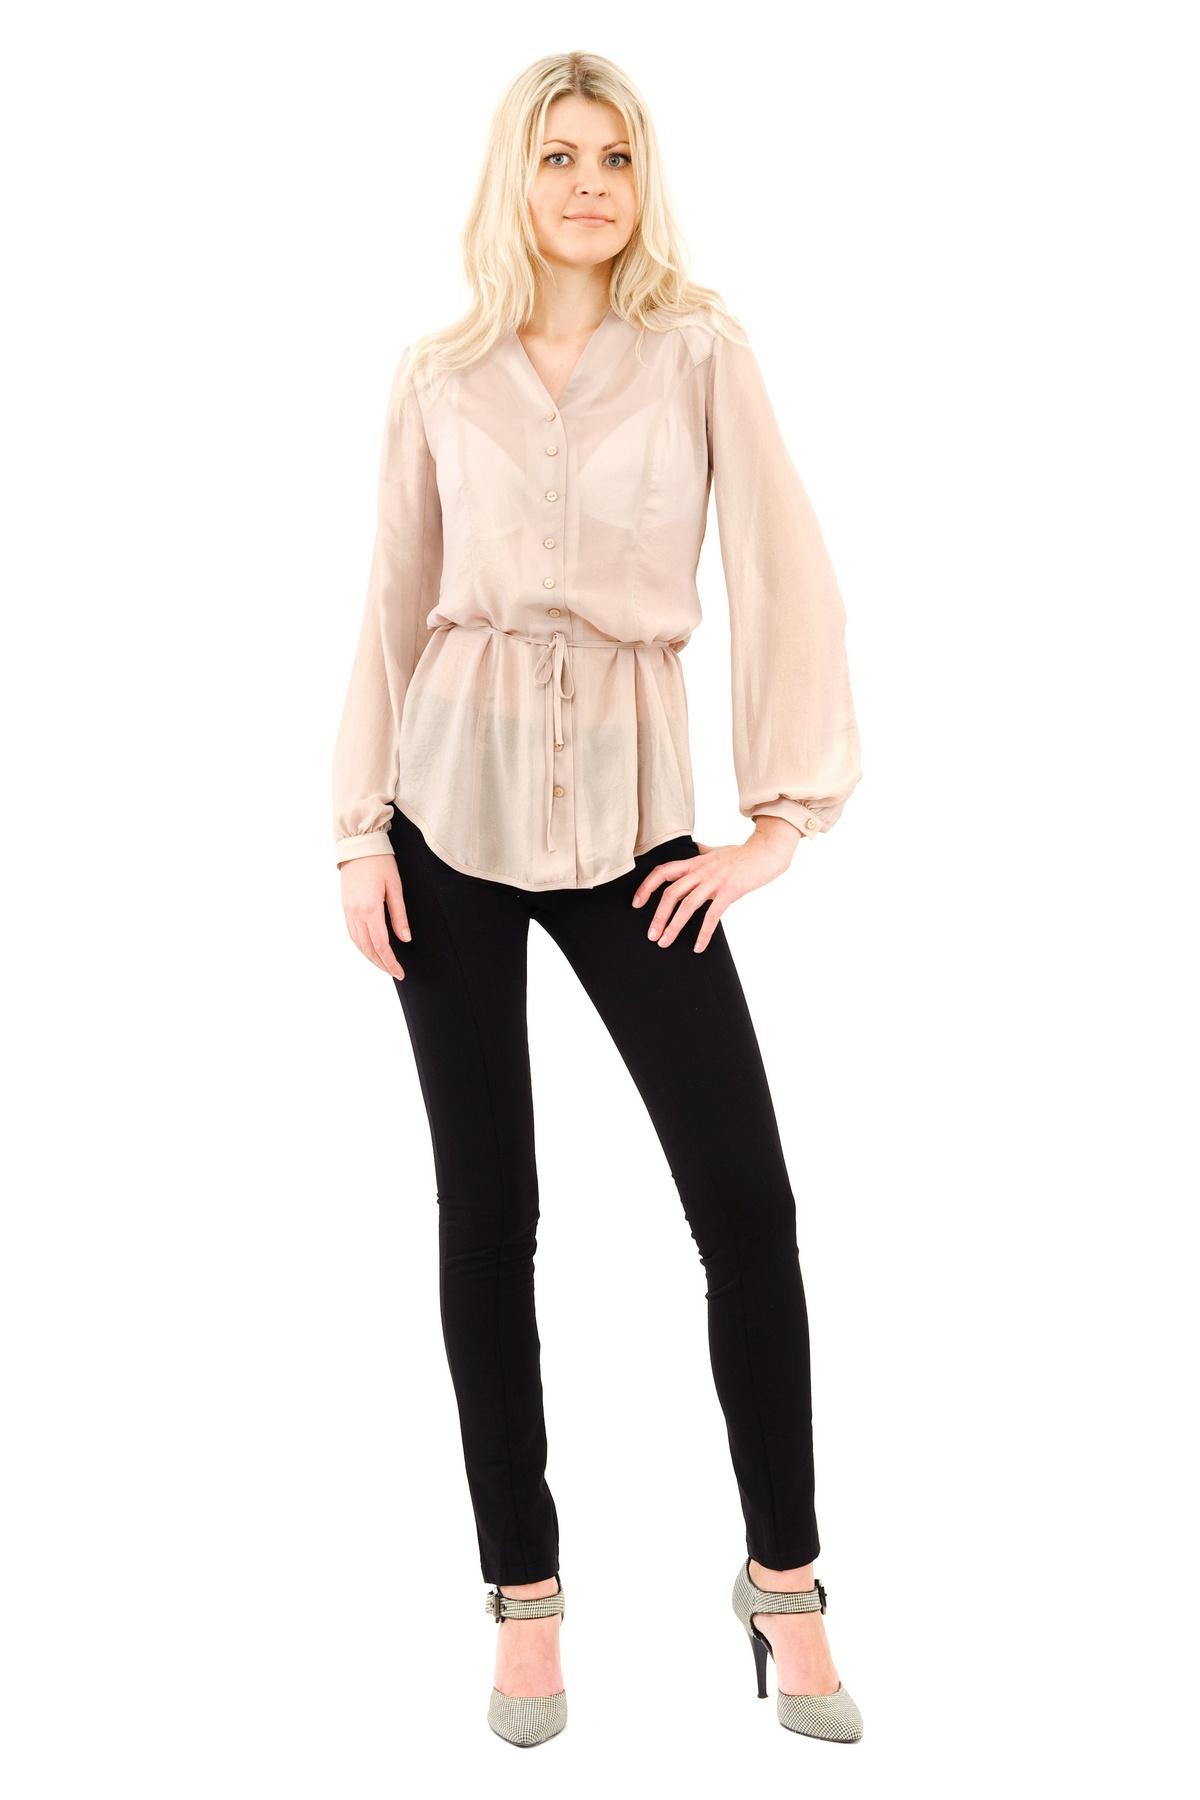 БлузаЖенские блузки<br>Изумительная полупрозрачная блузка, украшенная небольшим воротничком - это, несомненно, привлекательный и женственный вариант в офис или на свидание.Блузка с длинными рукавами, выполненная в нежной цветовой гамме, что придаст образу летний, неповторимый<br><br>Цвет: бежевый<br>Состав: 100% полиэстер<br>Размер: 40,42,44,46,48,50,52<br>Страна дизайна: Россия<br>Страна производства: Россия